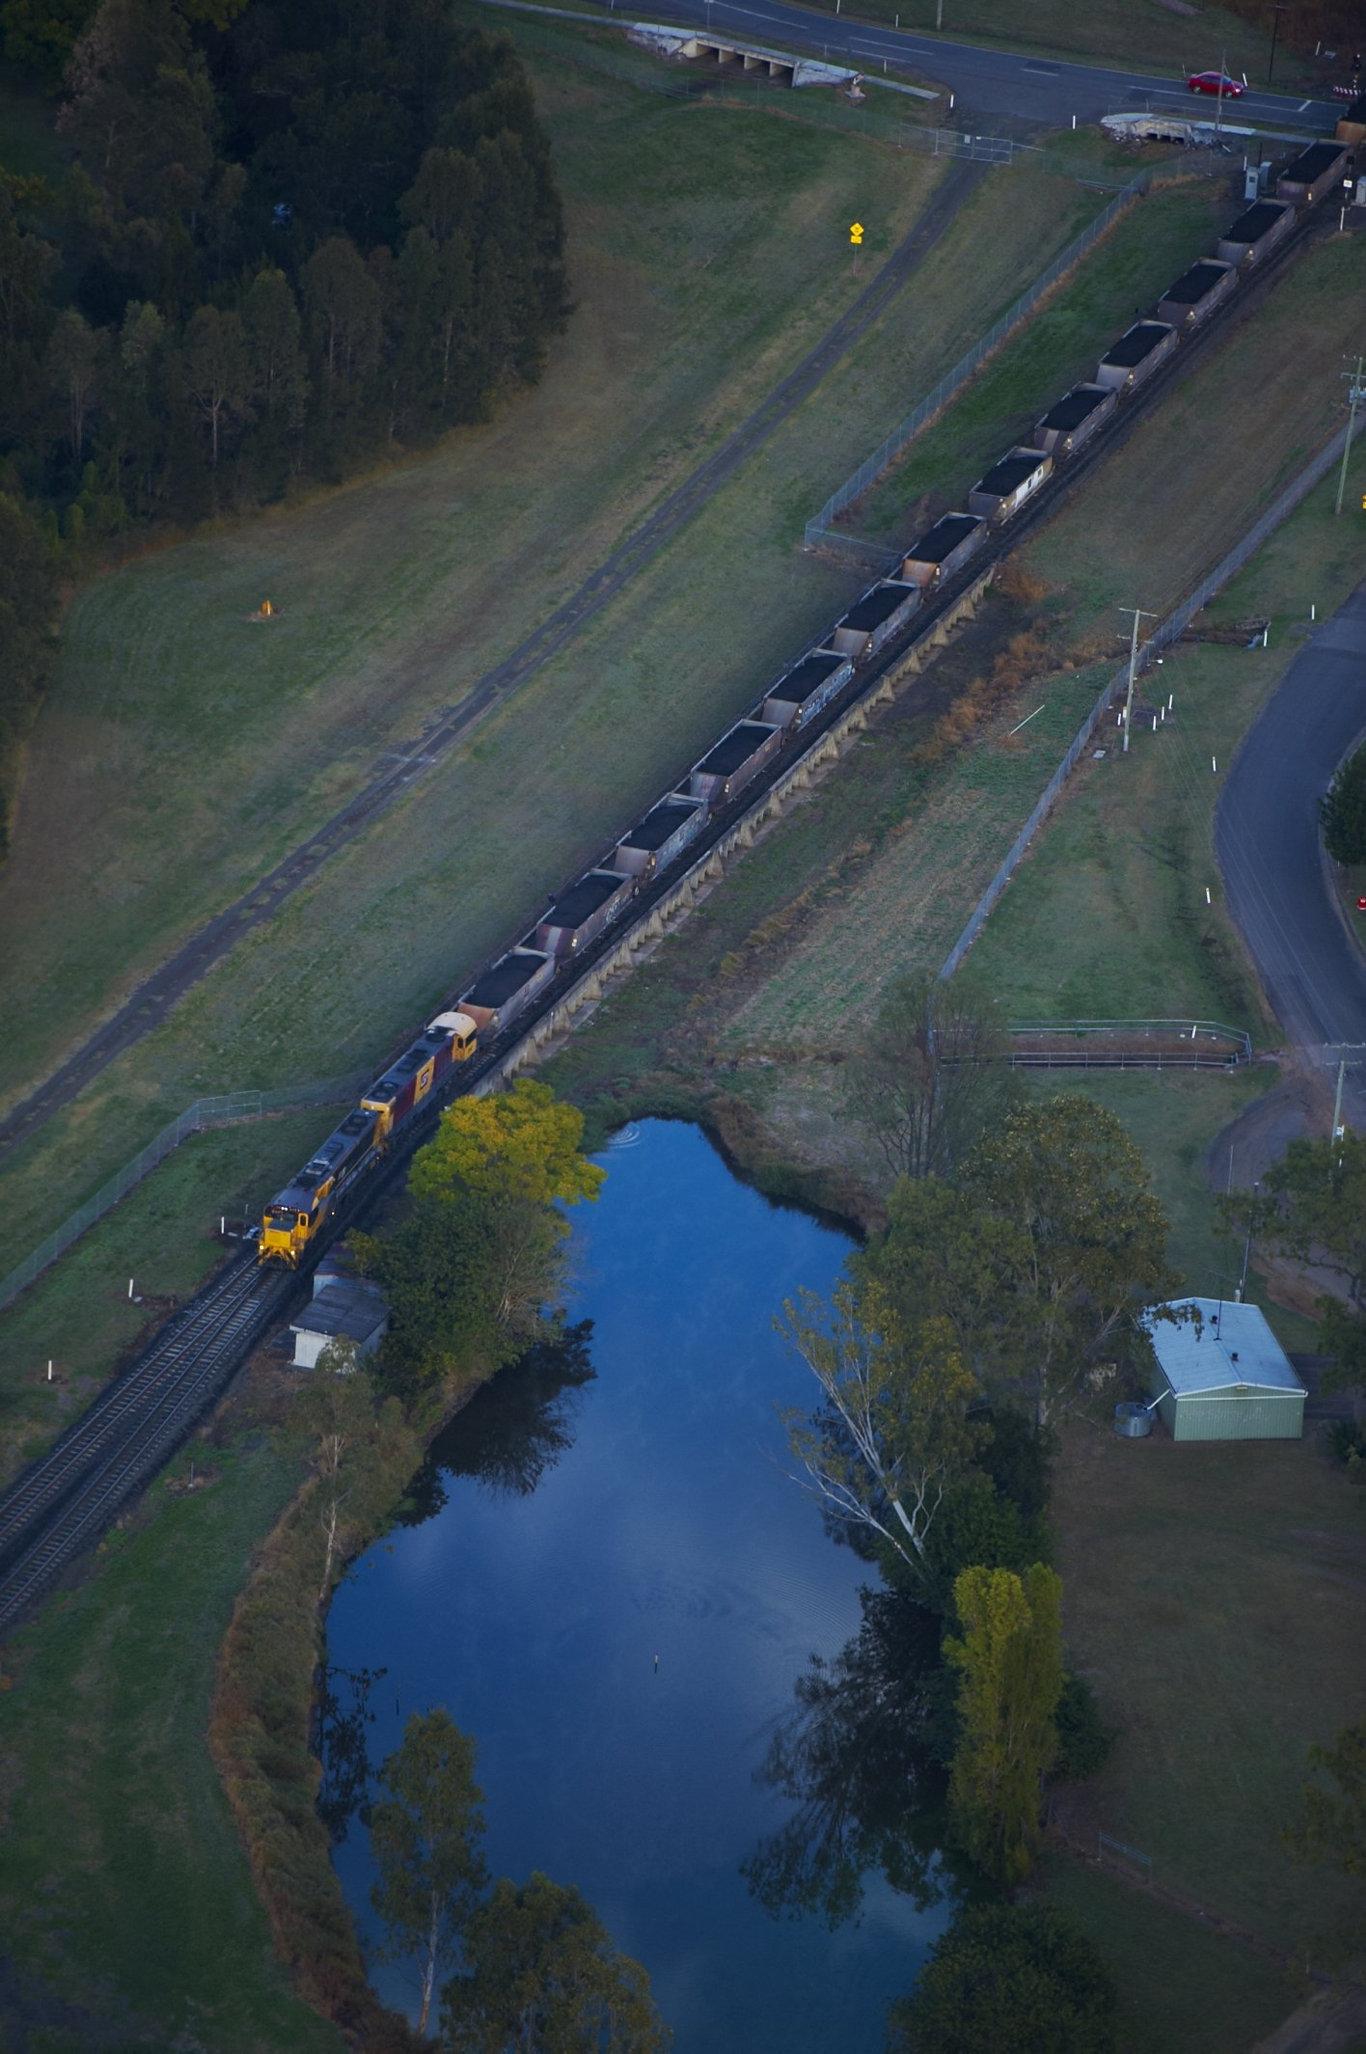 Aurizon coal train at Gatton.